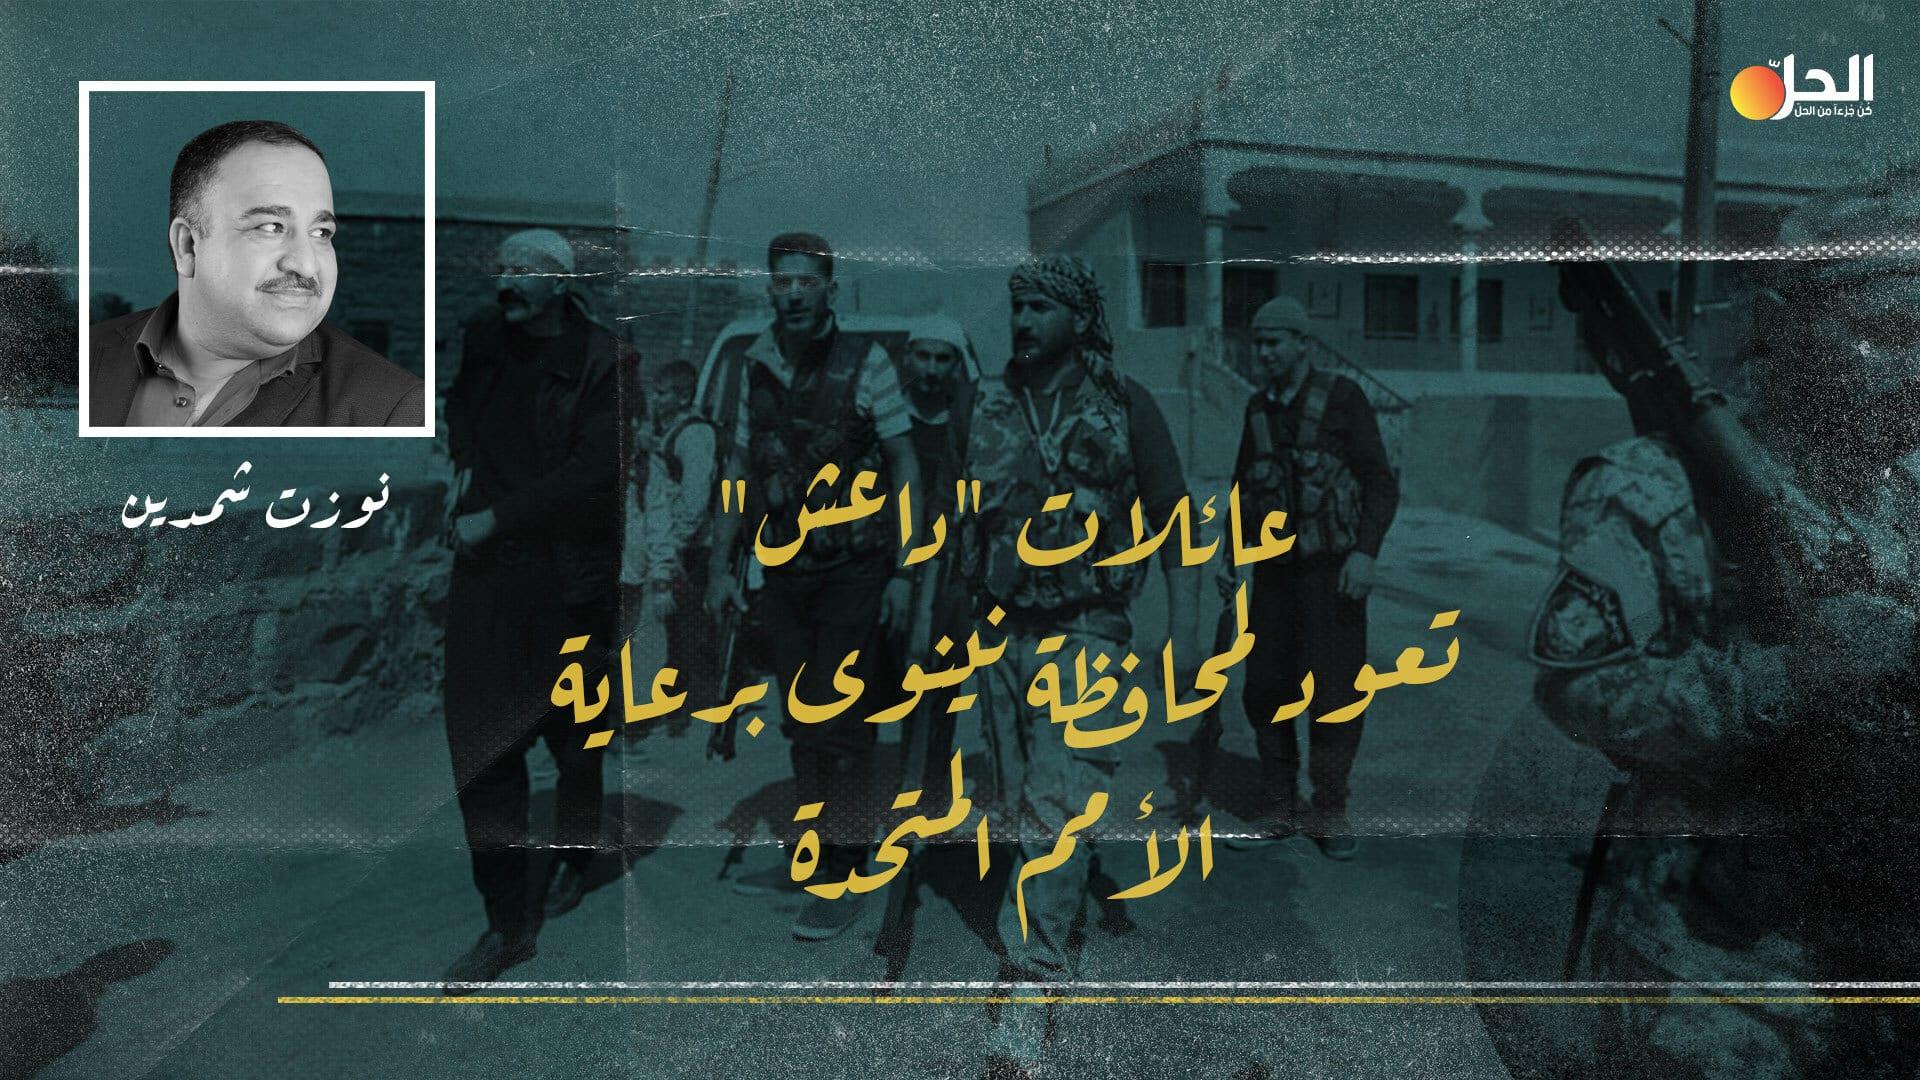 """ثأر عشائري وبحث عن أطفال مختطفين: عودة عائلات """"داعش"""" إلى نينوى تعيد فتح ملفات عراقية شائكة"""